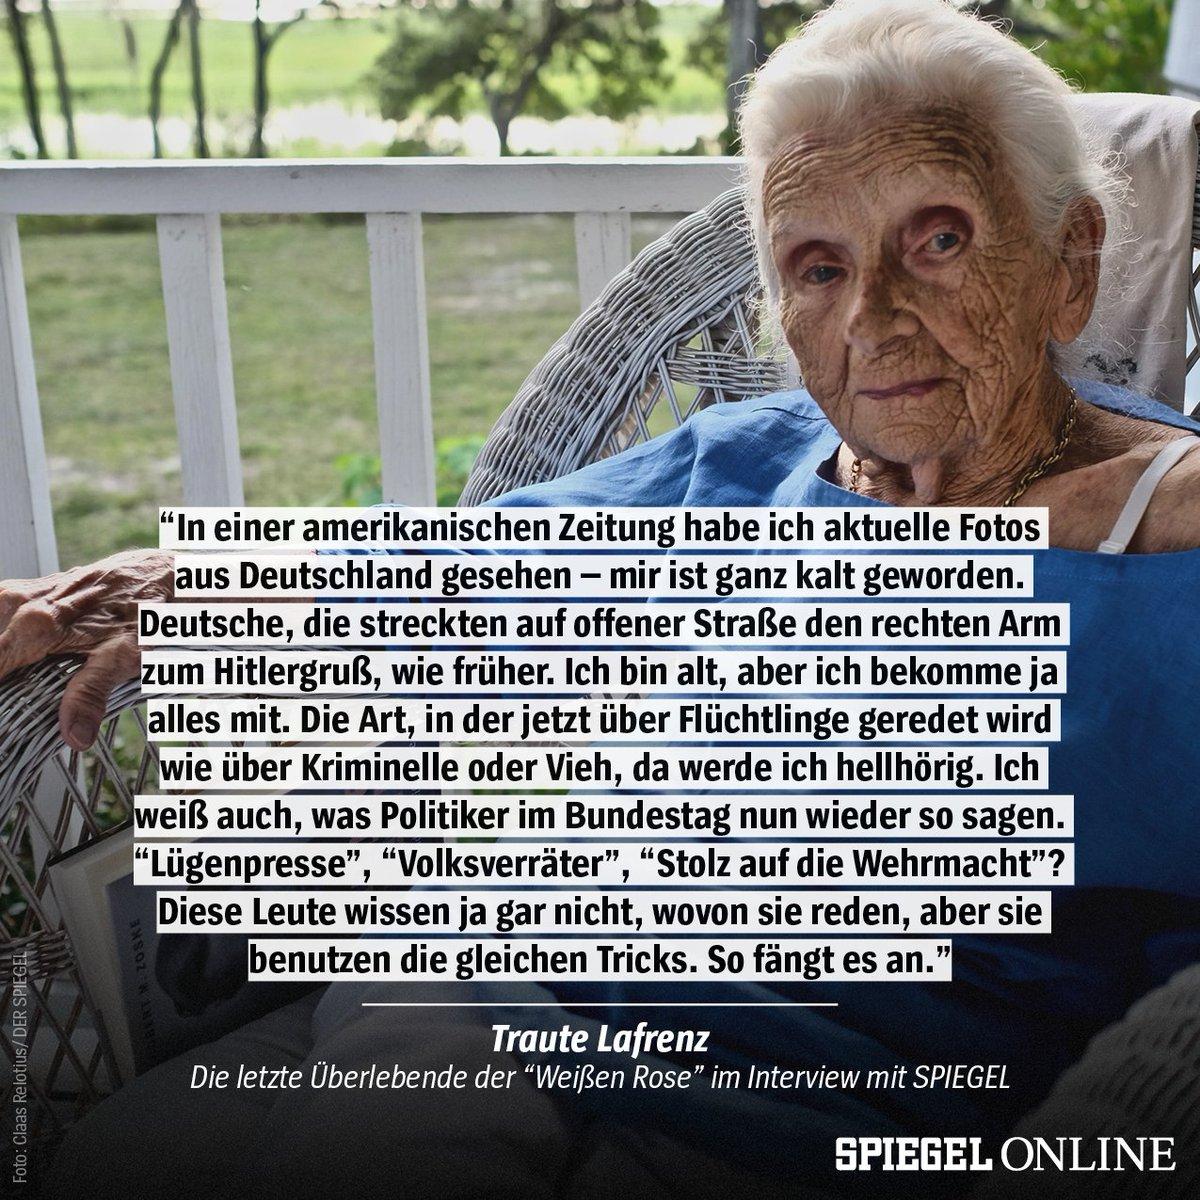 Wir haben die letzte Überlebende der 'Weißen Rose' in den USA besucht und mit ihr über ihr Leben und Gefahren, die niemals sterben, gesprochen ➡ (€) https://t.co/o13l4EpTC0